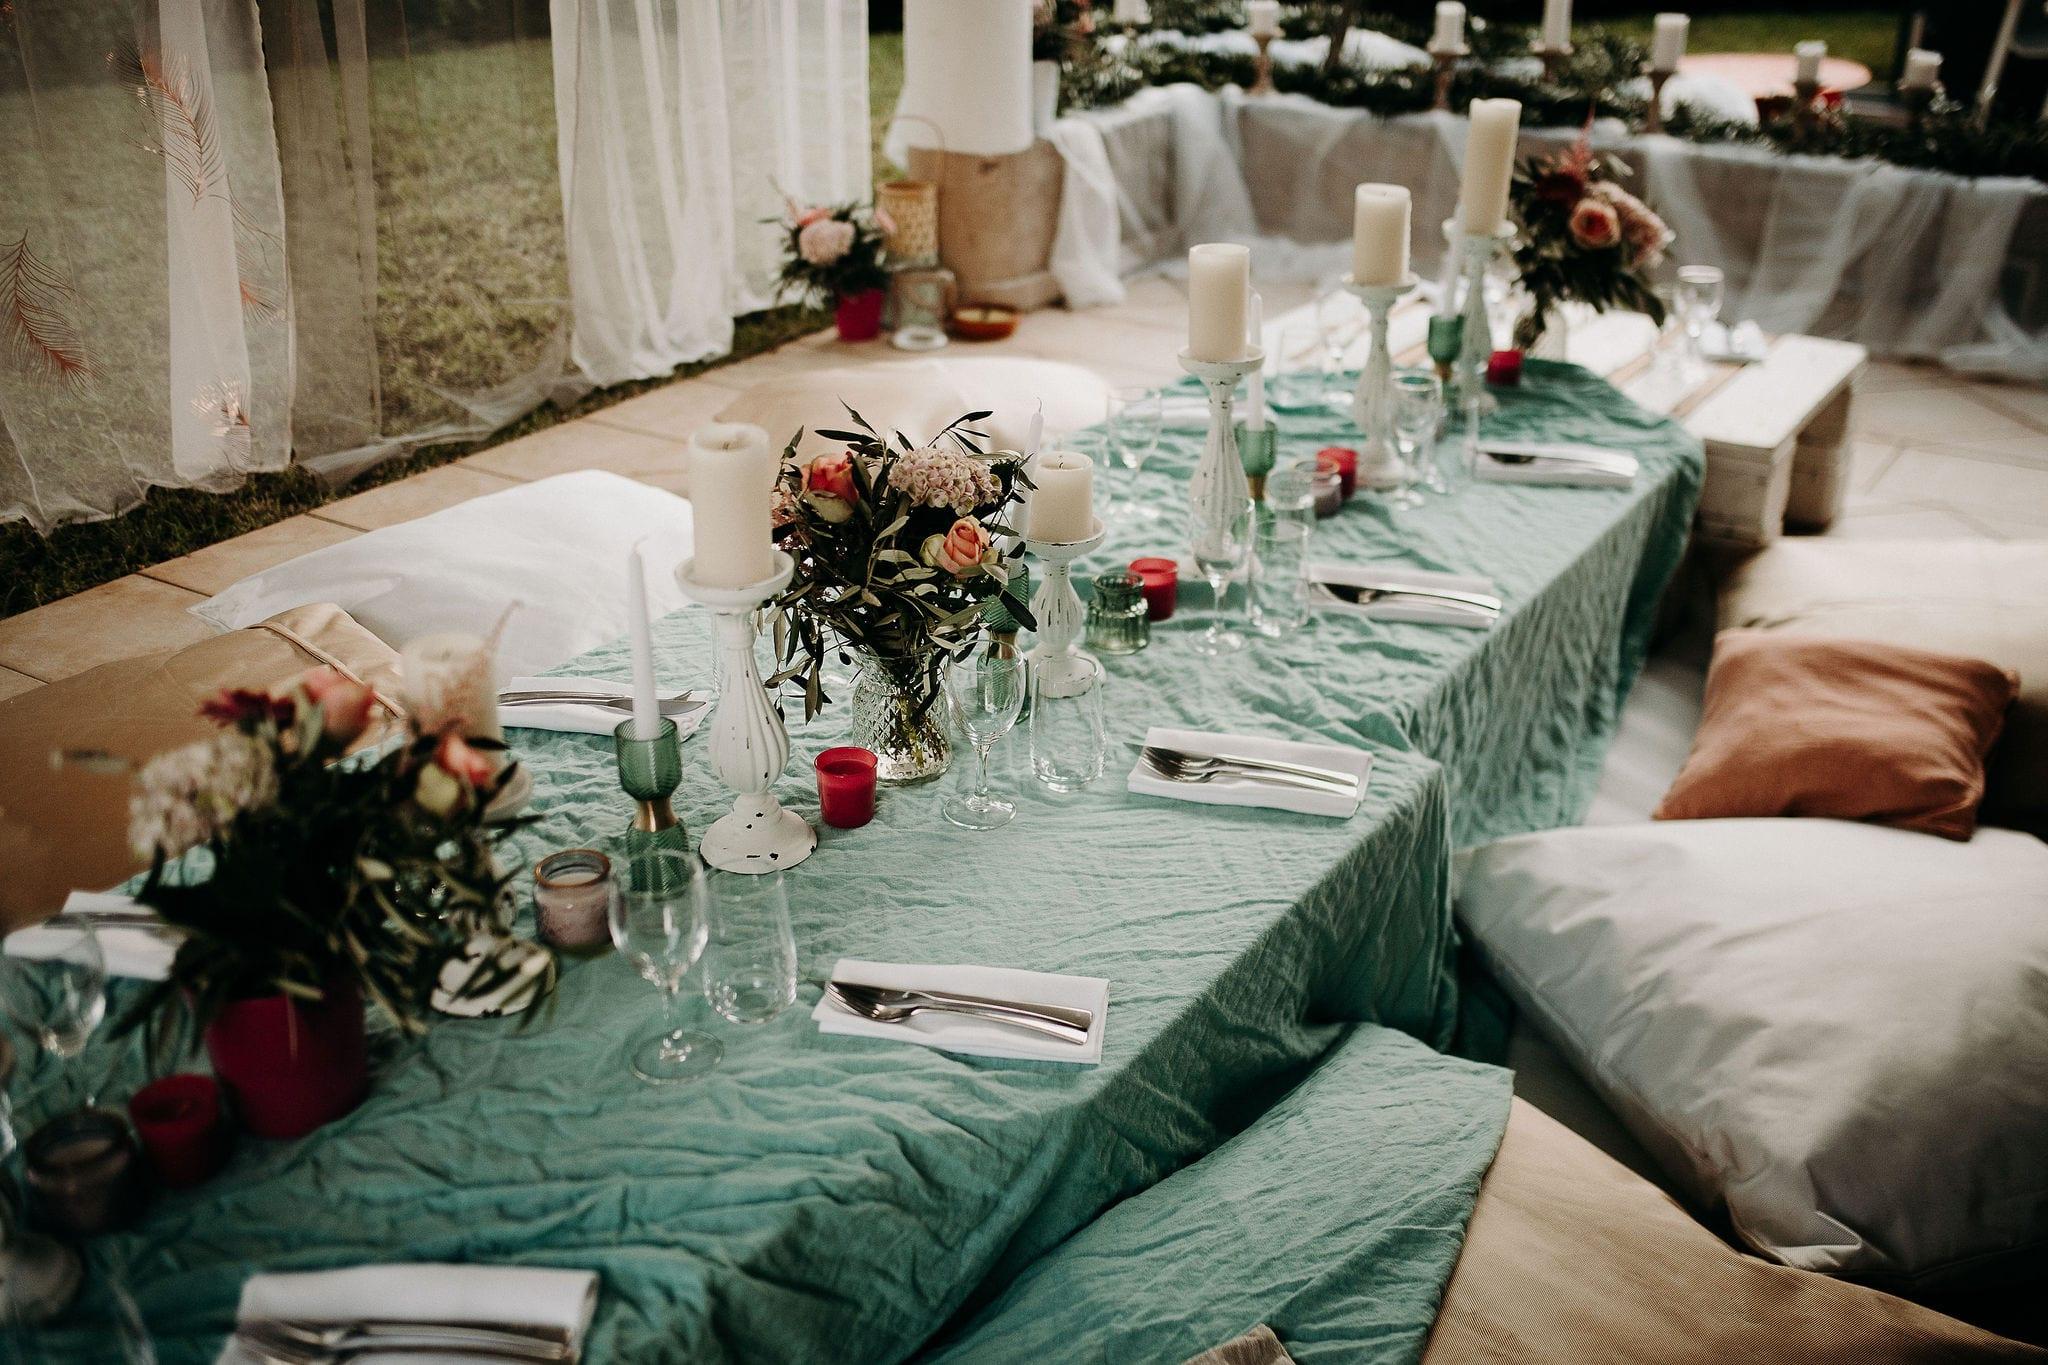 préparer son mariage efficacement grâce à un bon plan de table